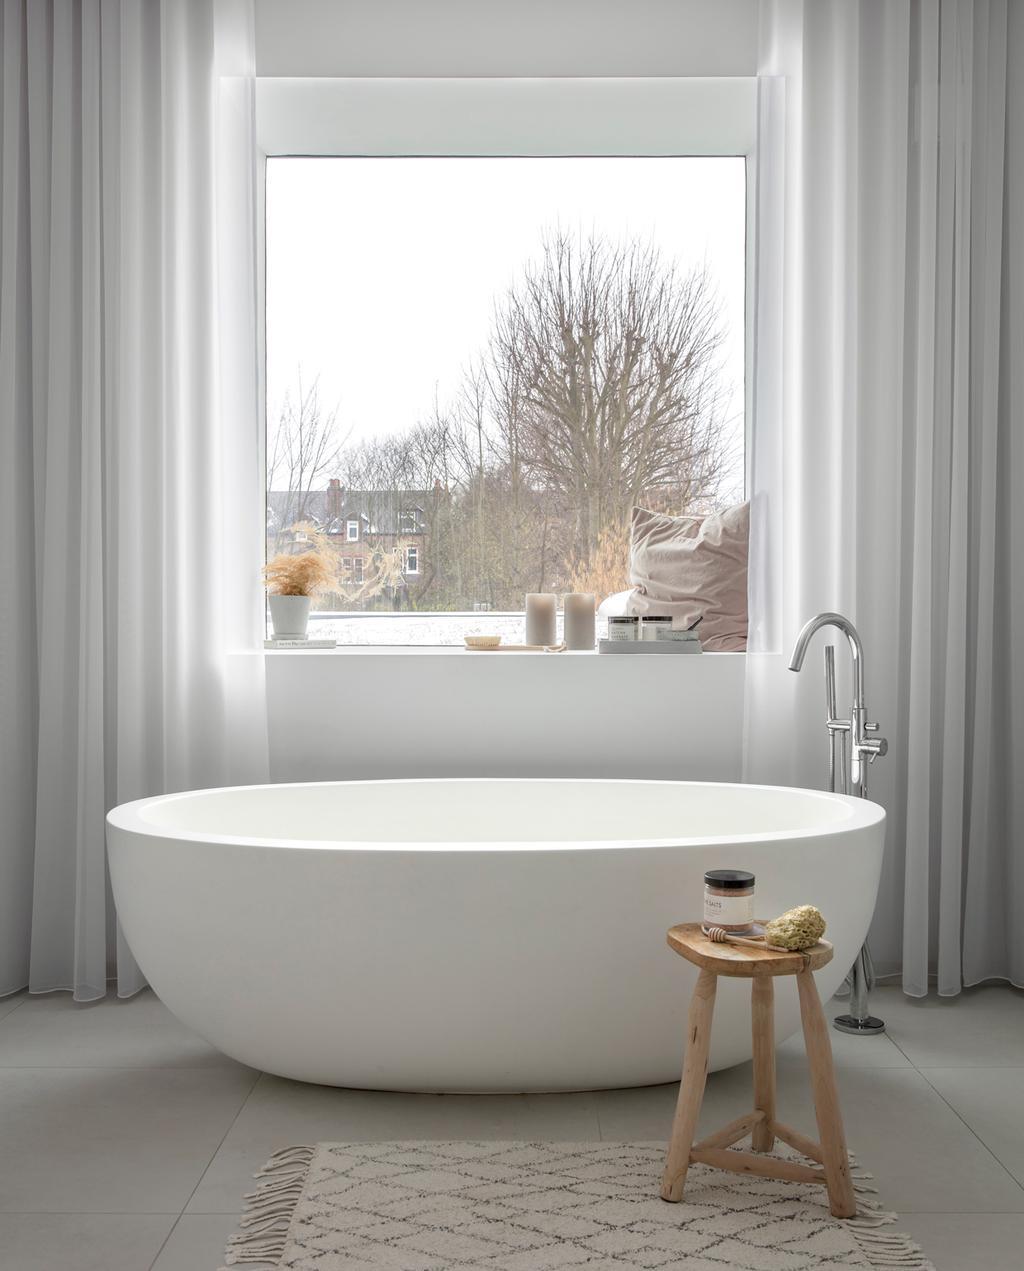 vtwonen 1-2020 | binnenkijken in een victoriaans herenhuis in Londen badkamer witte badkuip